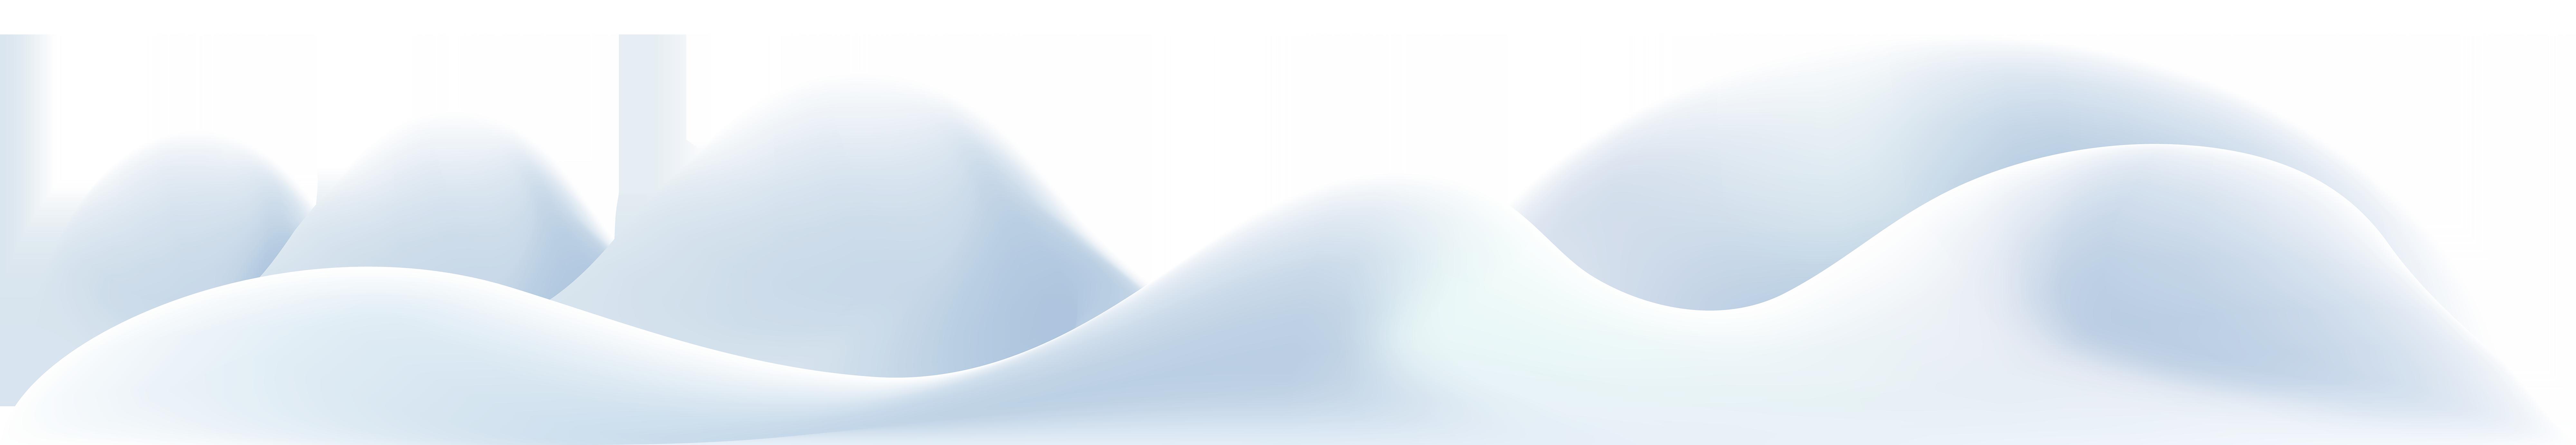 Ground snowy